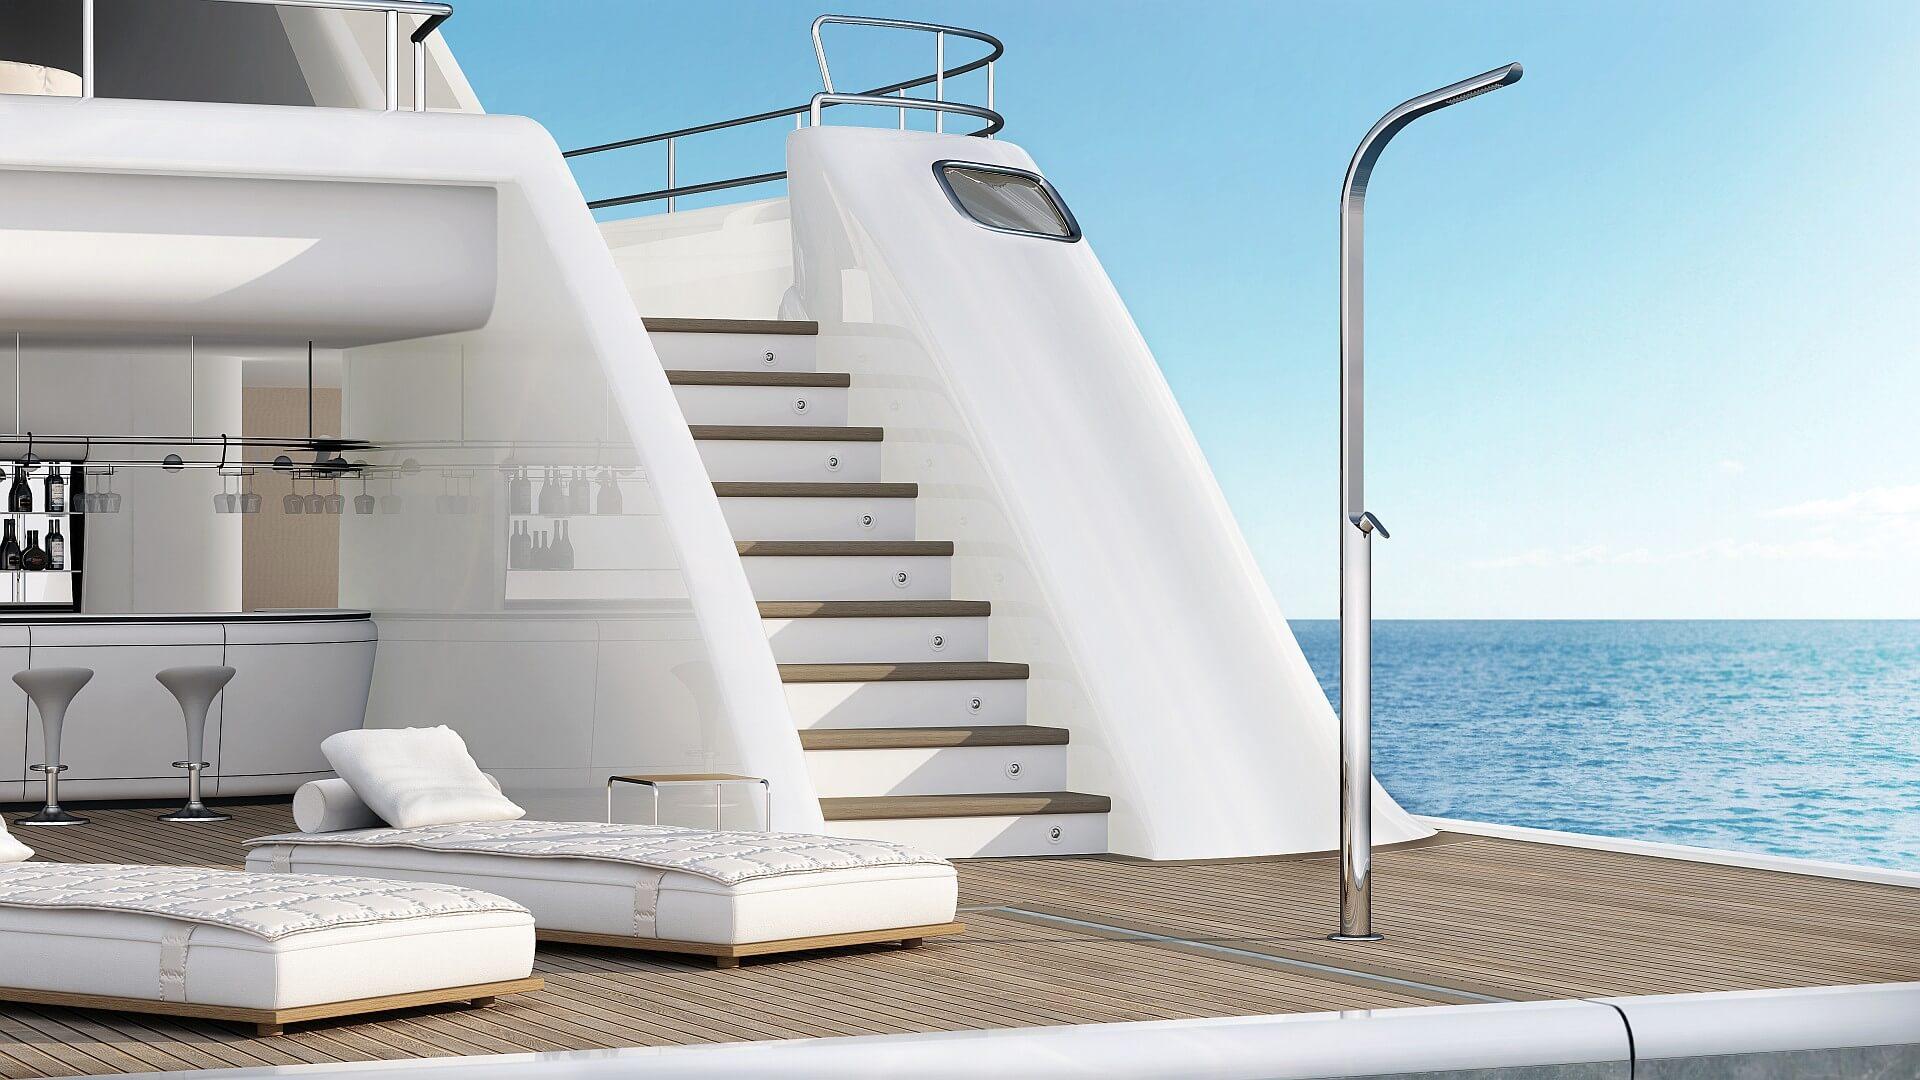 Immagine doccia per esterno, per piscina, per giardino - Dream Yacht Inoxstyle